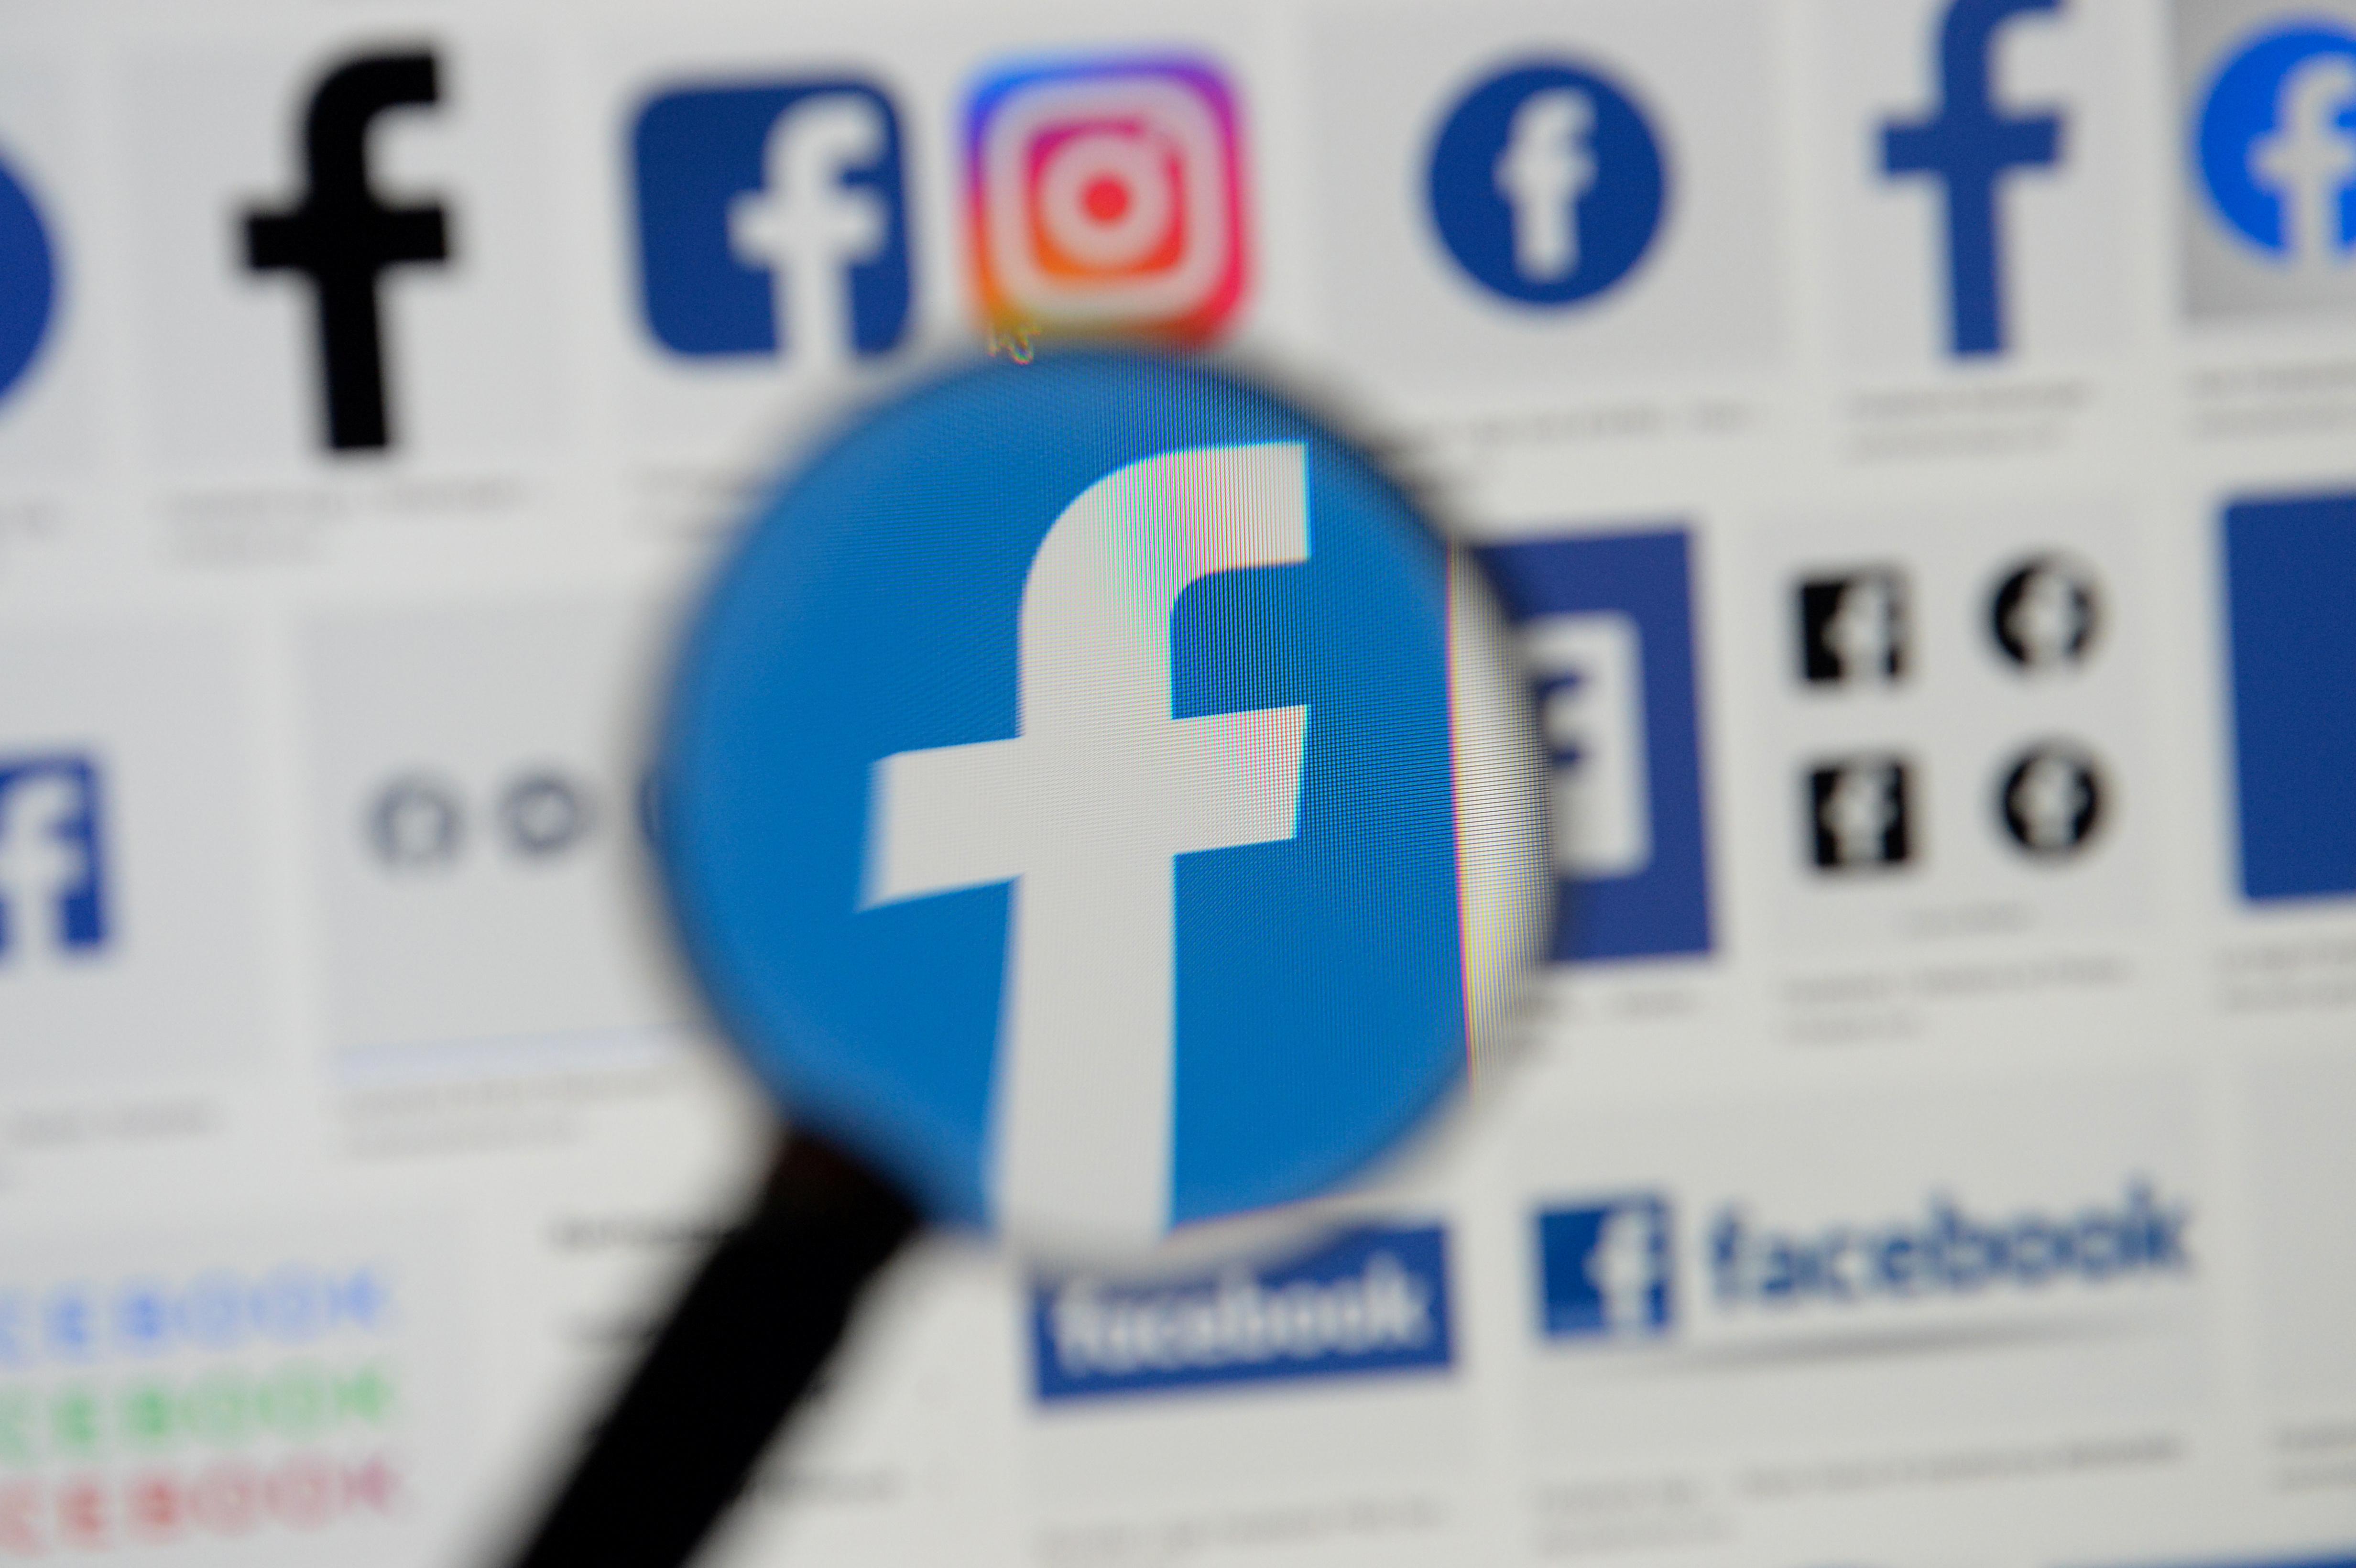 يسعى فيسبوك لتقديم محتوى قادر على كسب ثقة أكبر من قبل مستخدمي الموقع.